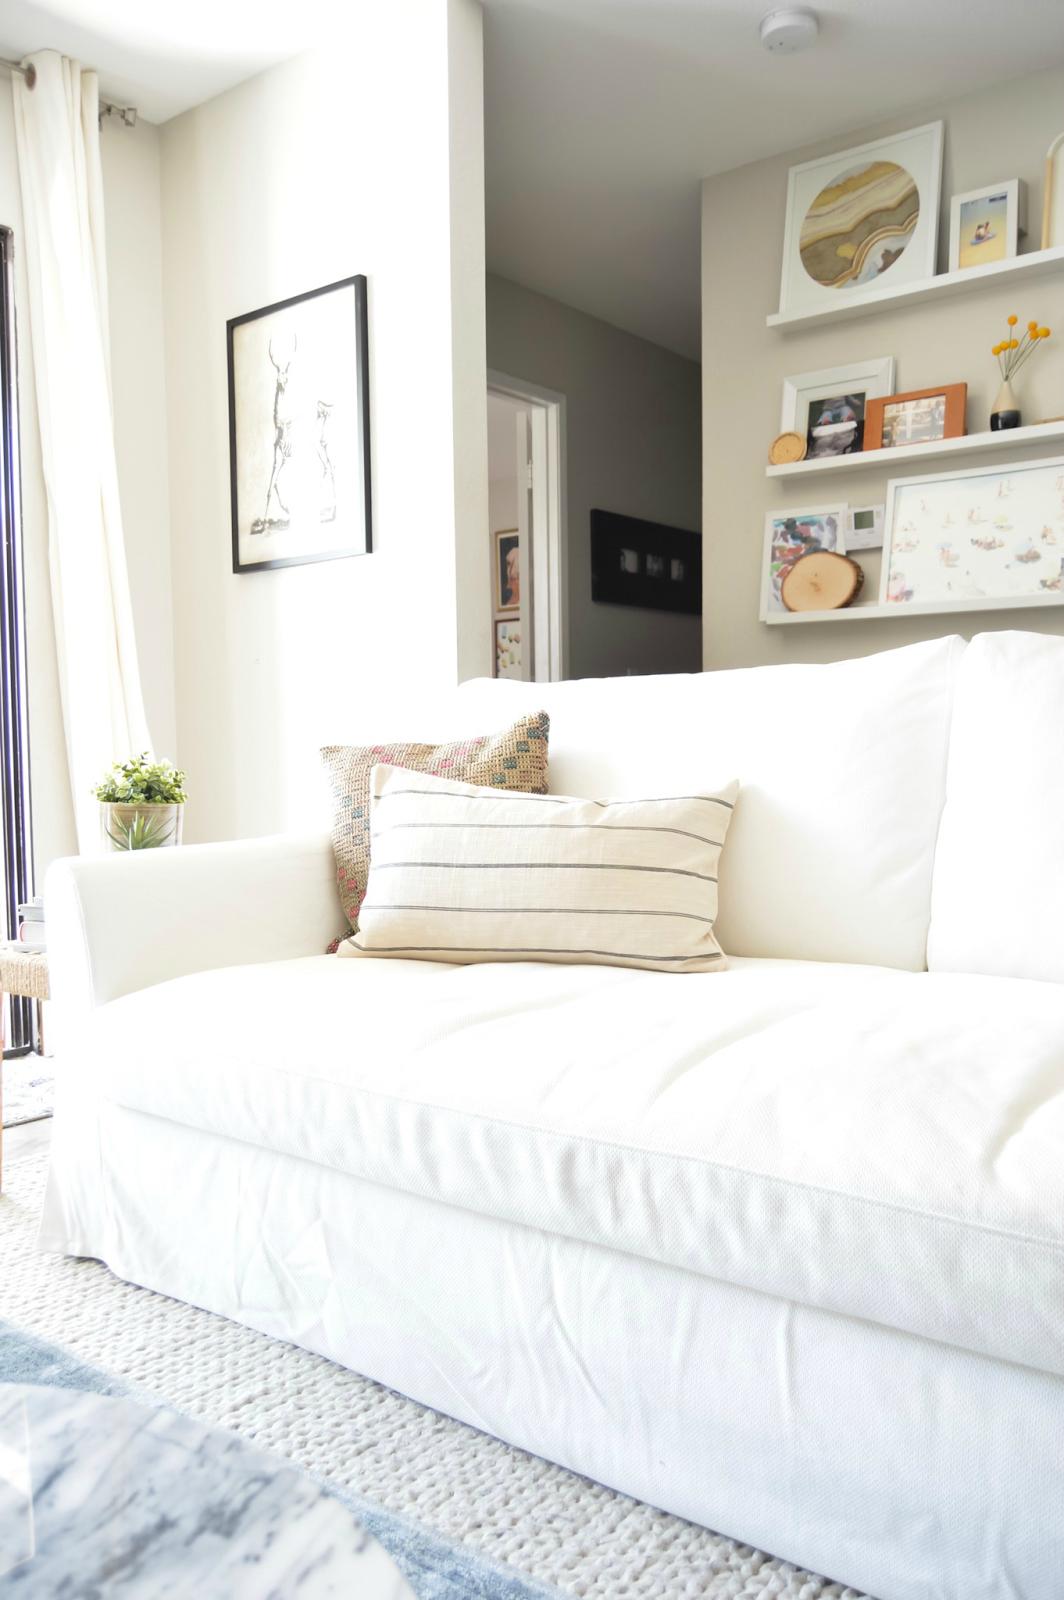 New sofa {Ikea Farlov}